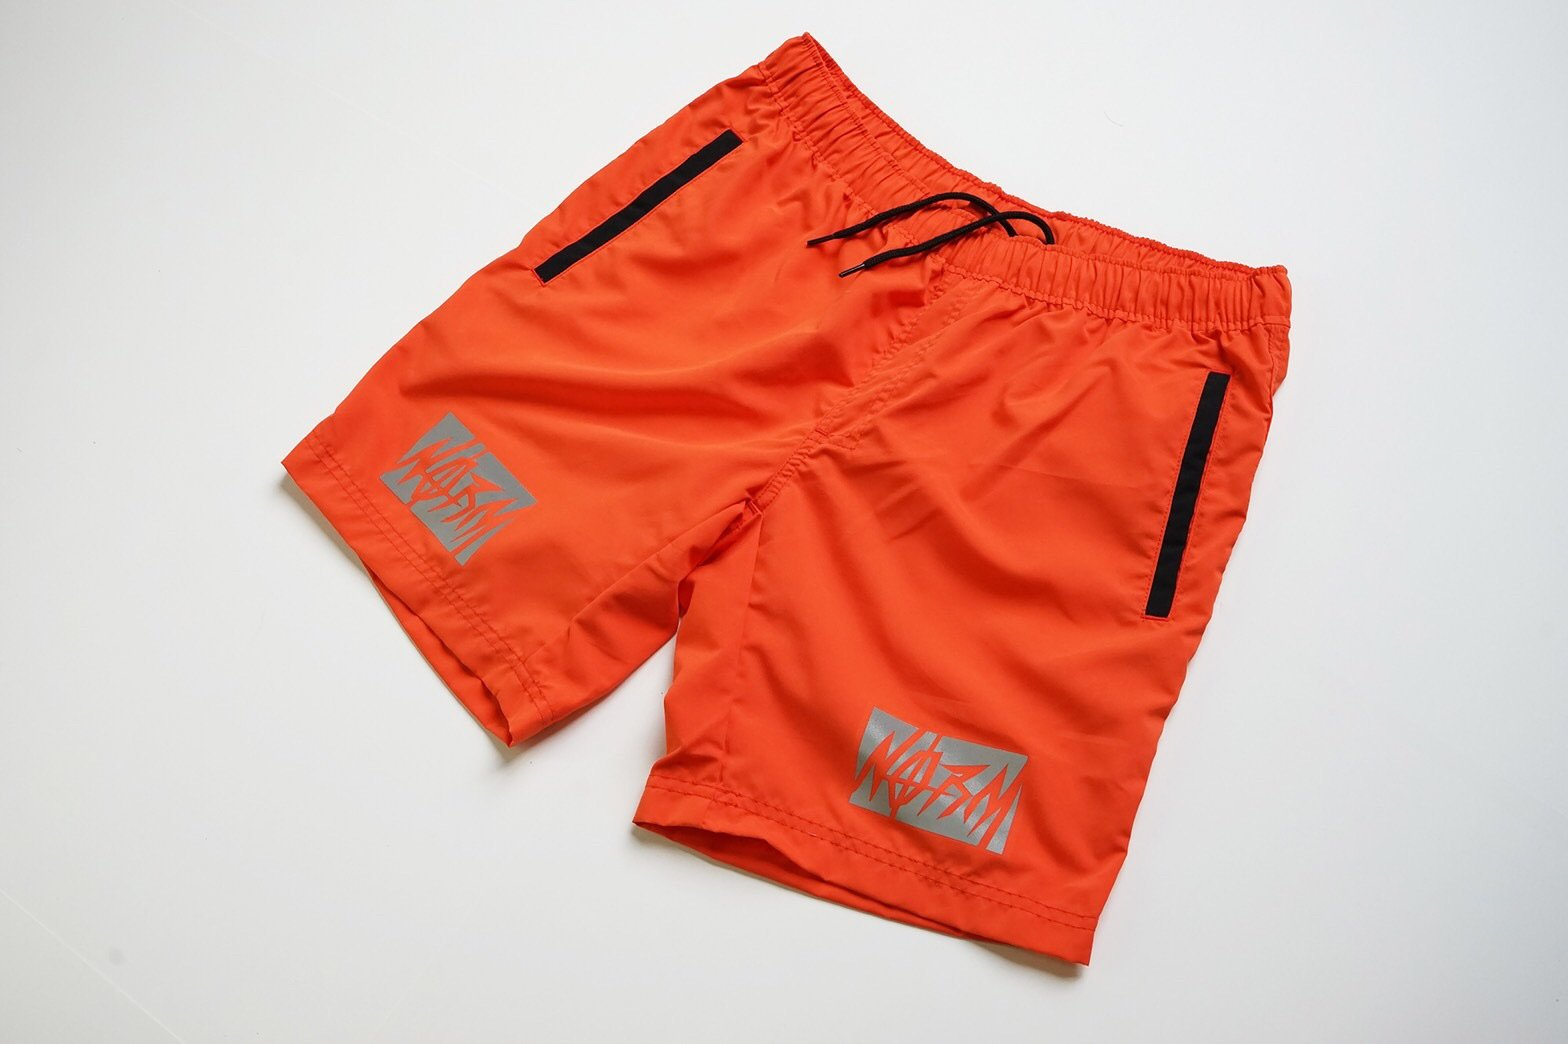 Tflex orange